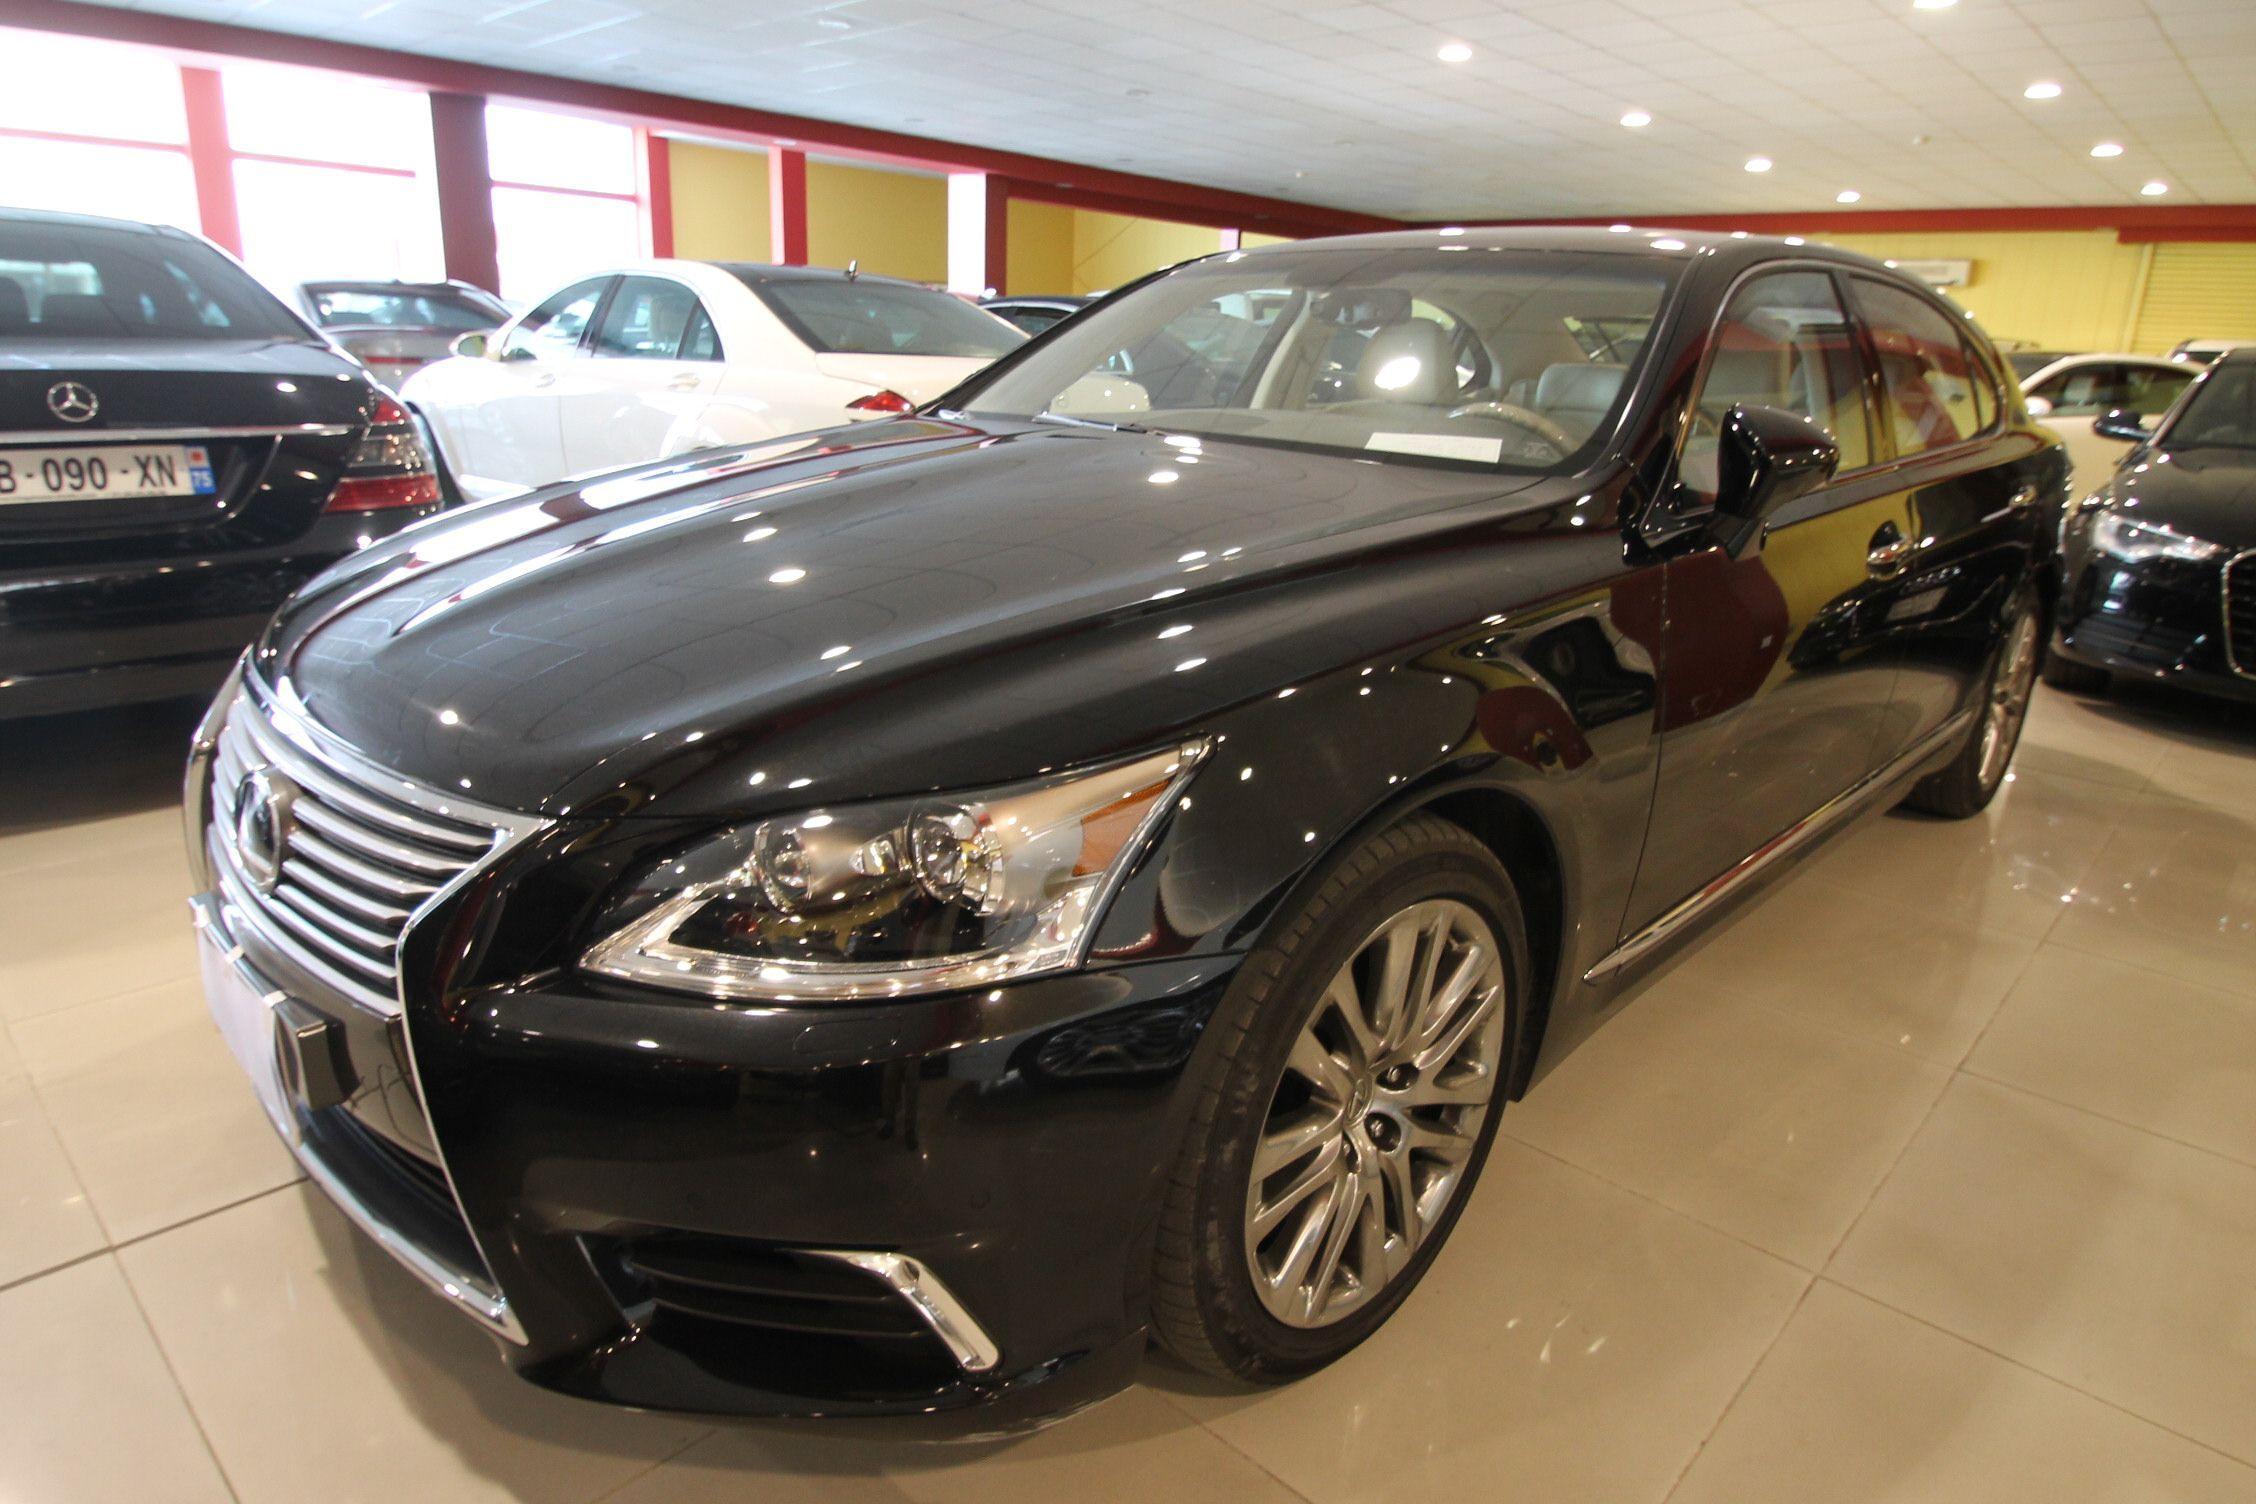 Lexus Ls 460 For Sale In Jeddah